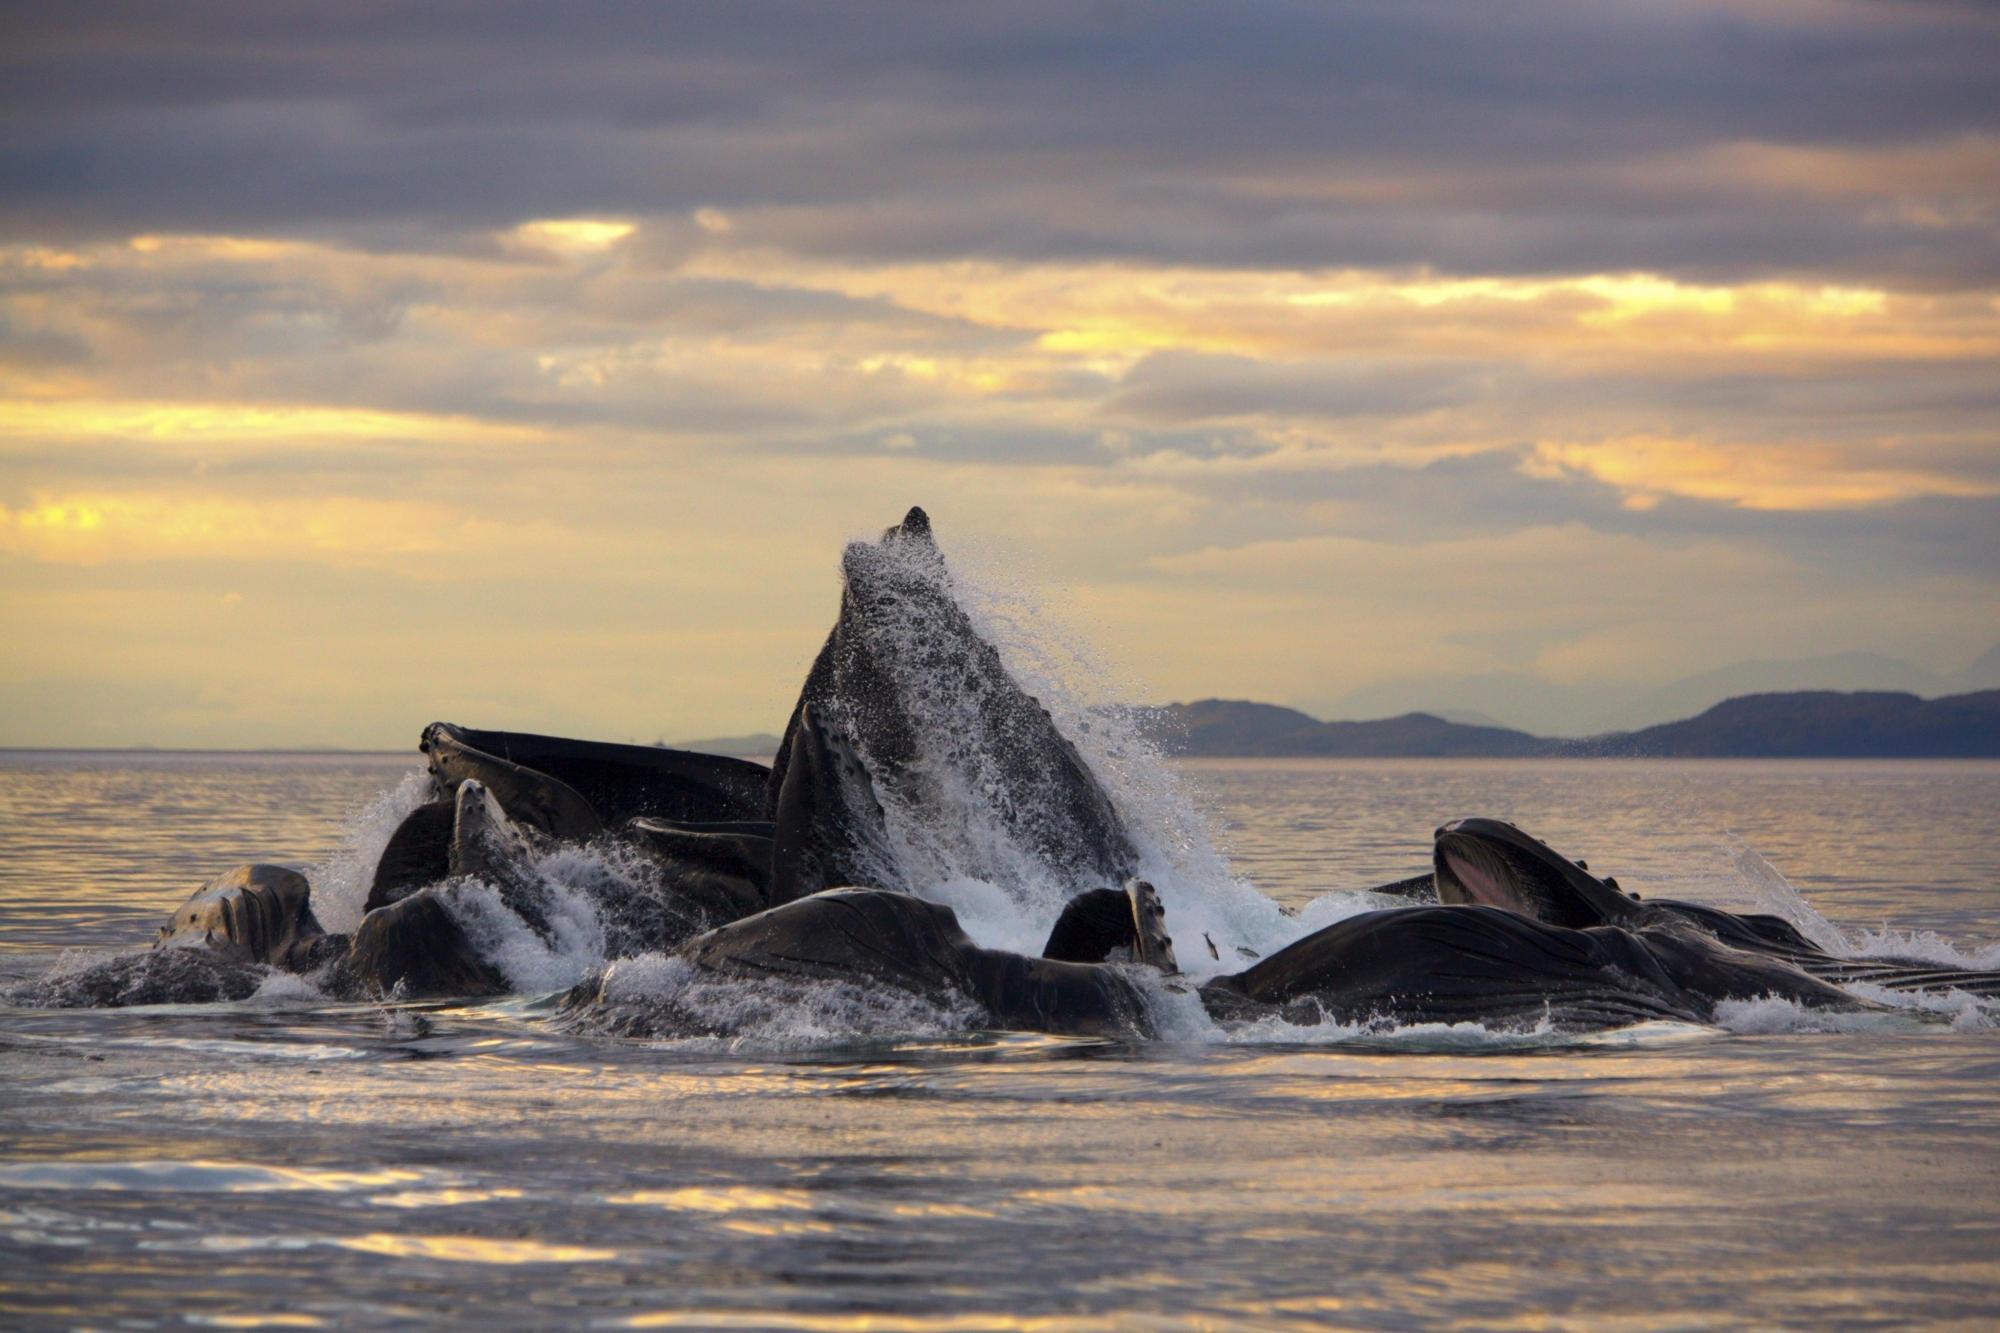 Argentina Beaches besides File 1986 beached whales in Flinders Bay  4 besides Keawaula Beach Yokohama Beach Beaches Oahu Waianae Hi in addition Sayulita likewise Metal On The Black Beach. on whale beach